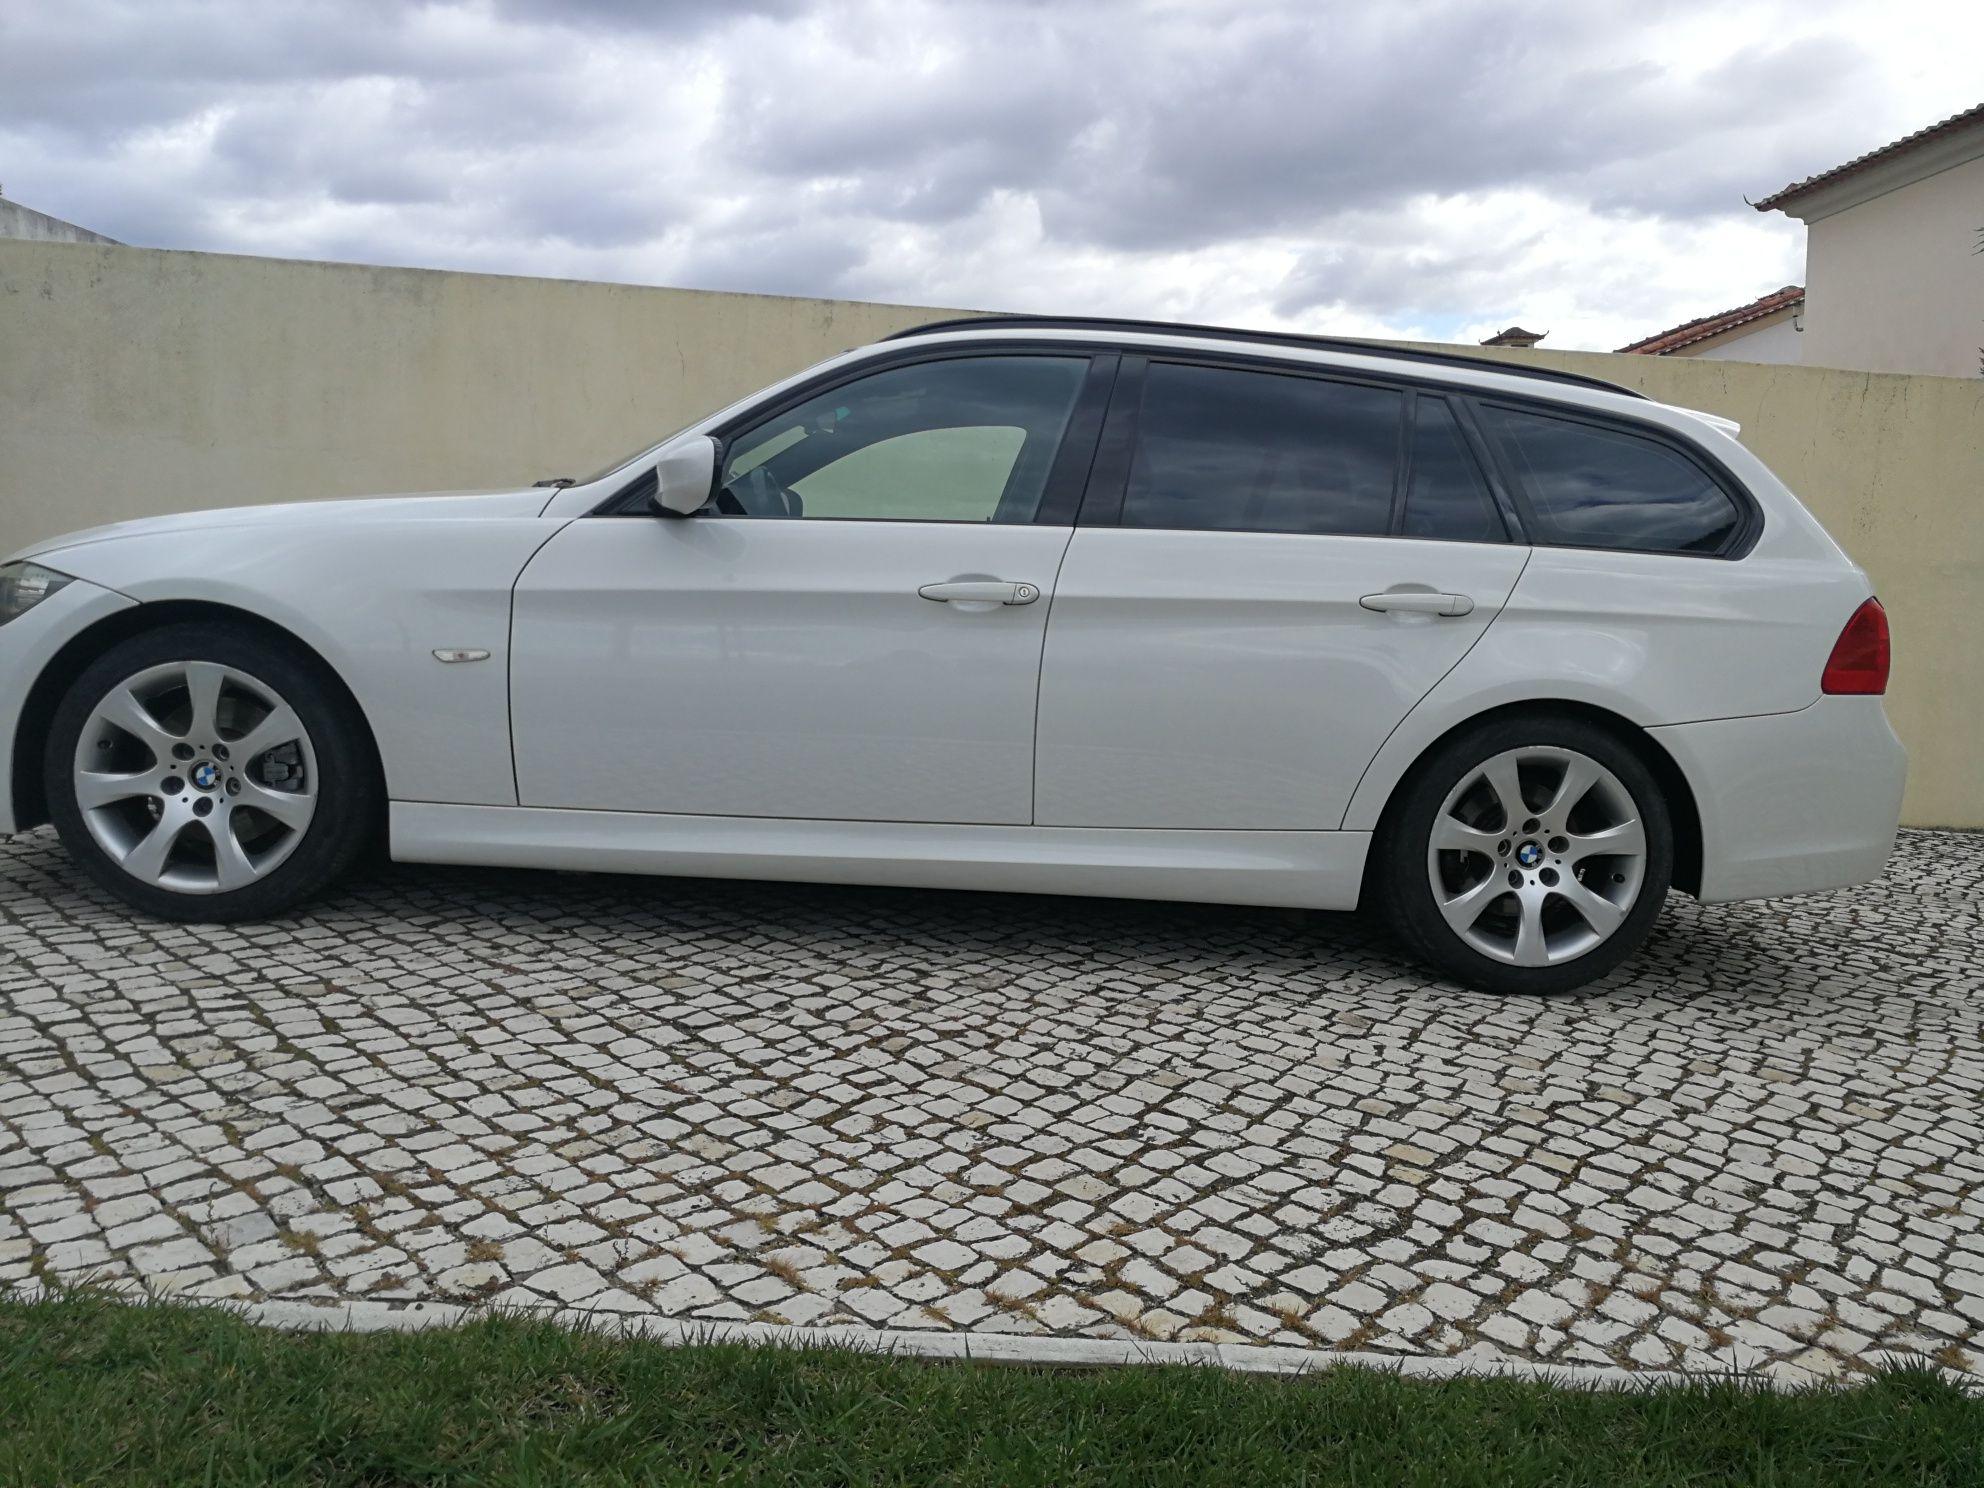 BMW jantes 17 originais com pneus 225 45r17